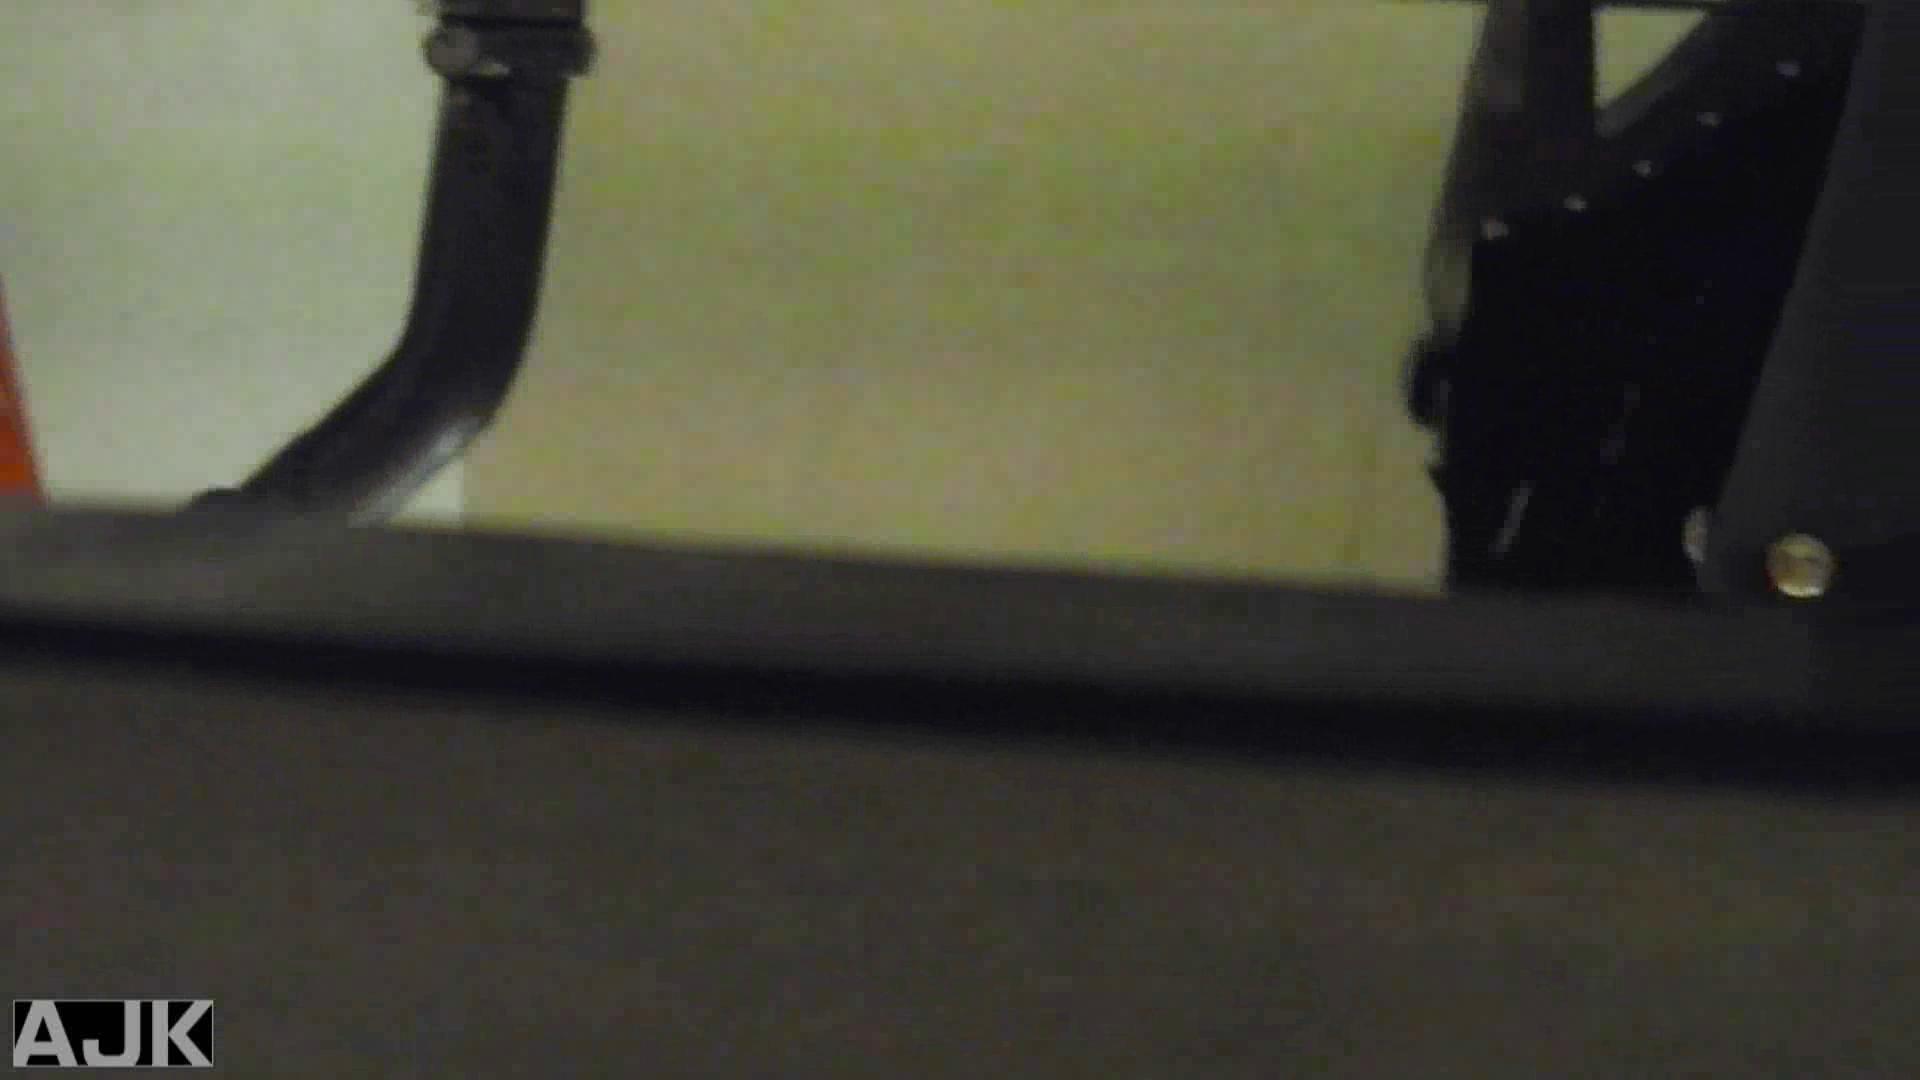 神降臨!史上最強の潜入かわや! vol.18 OLエロ画像 覗きワレメ動画紹介 98PICs 58